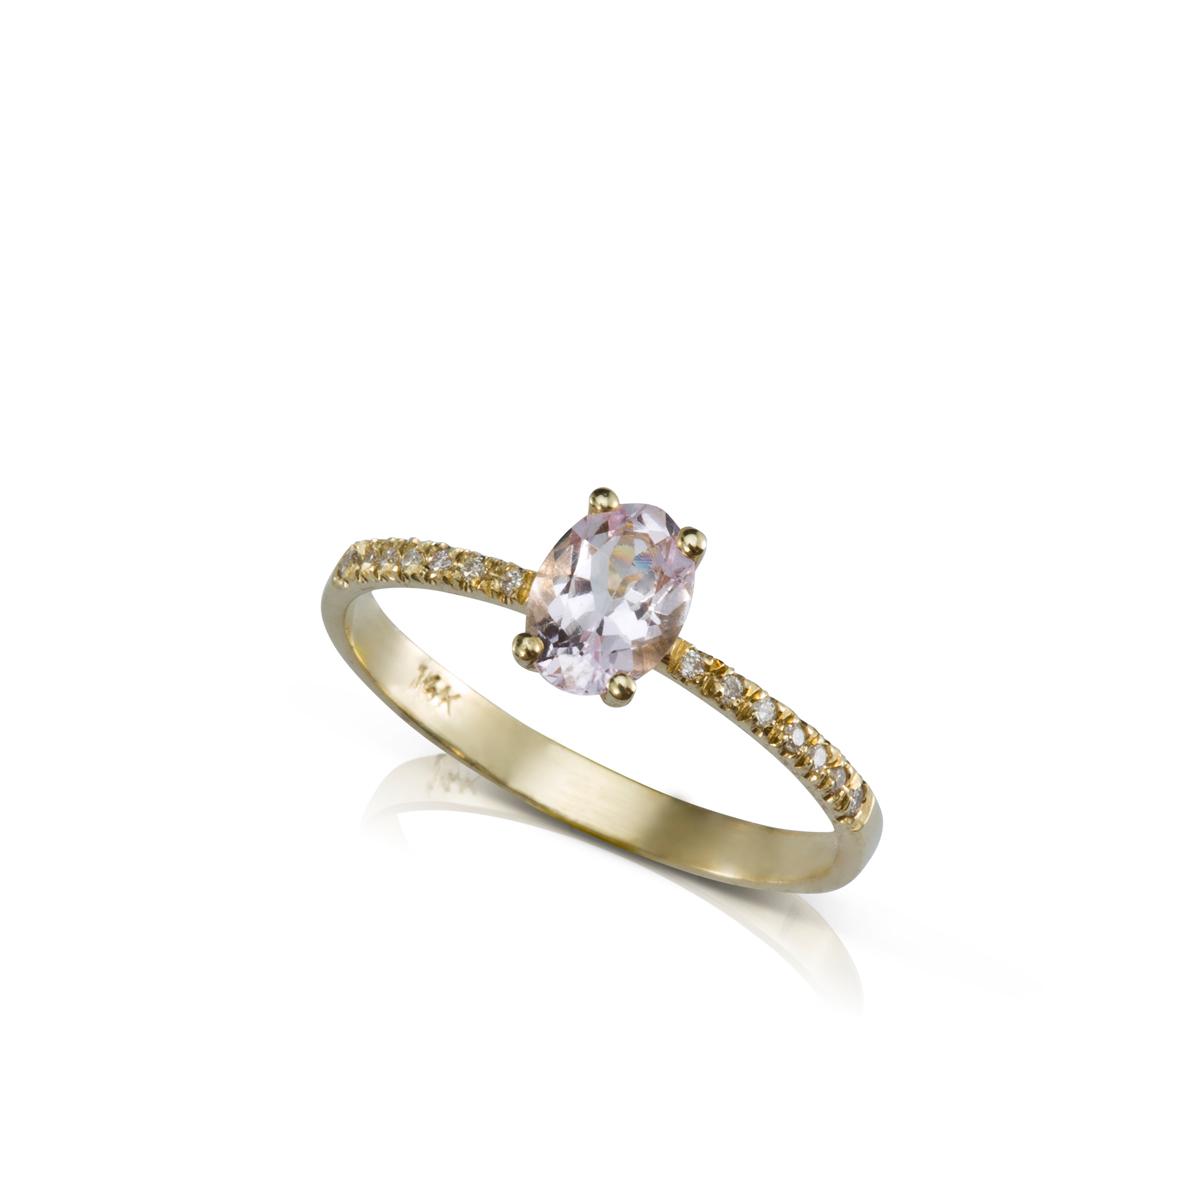 טבעת זהב משובצת מורגנייט ושורת יהלומים בצדדים